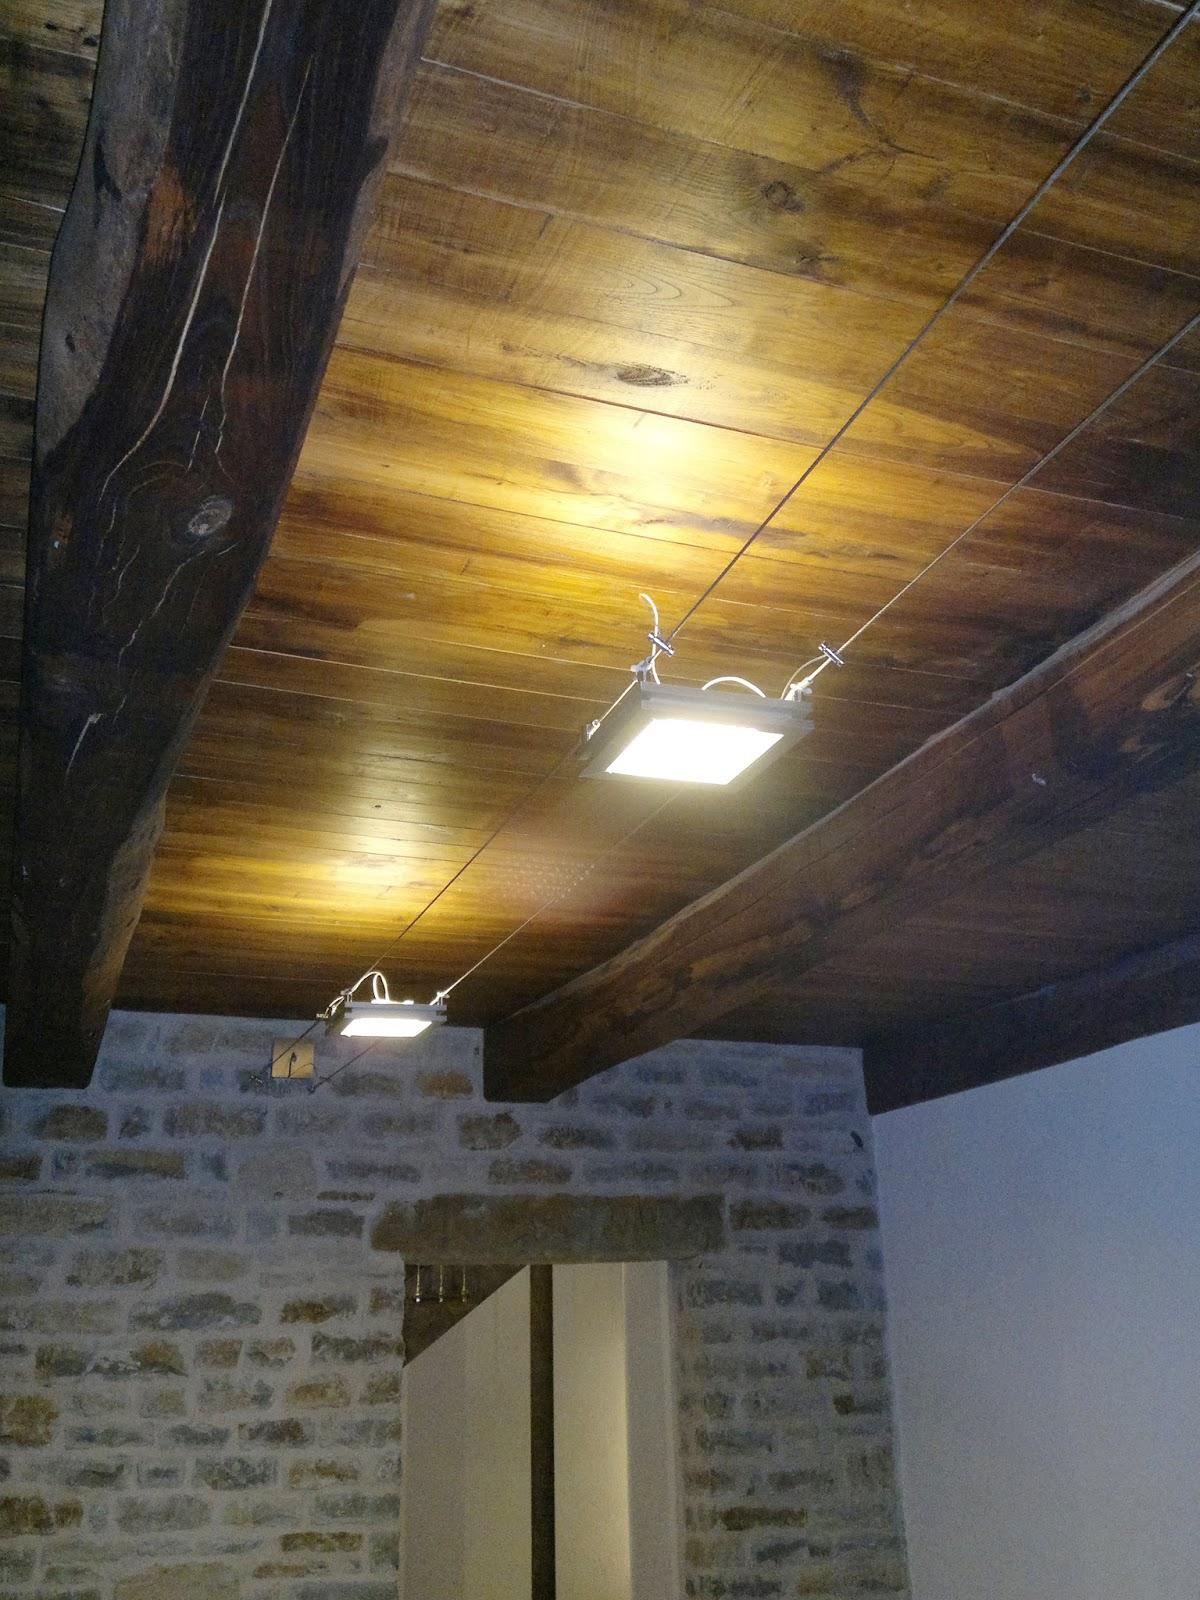 ... Travi In Legno : Illuminazione sottotetto legno tag pagina di deabyday